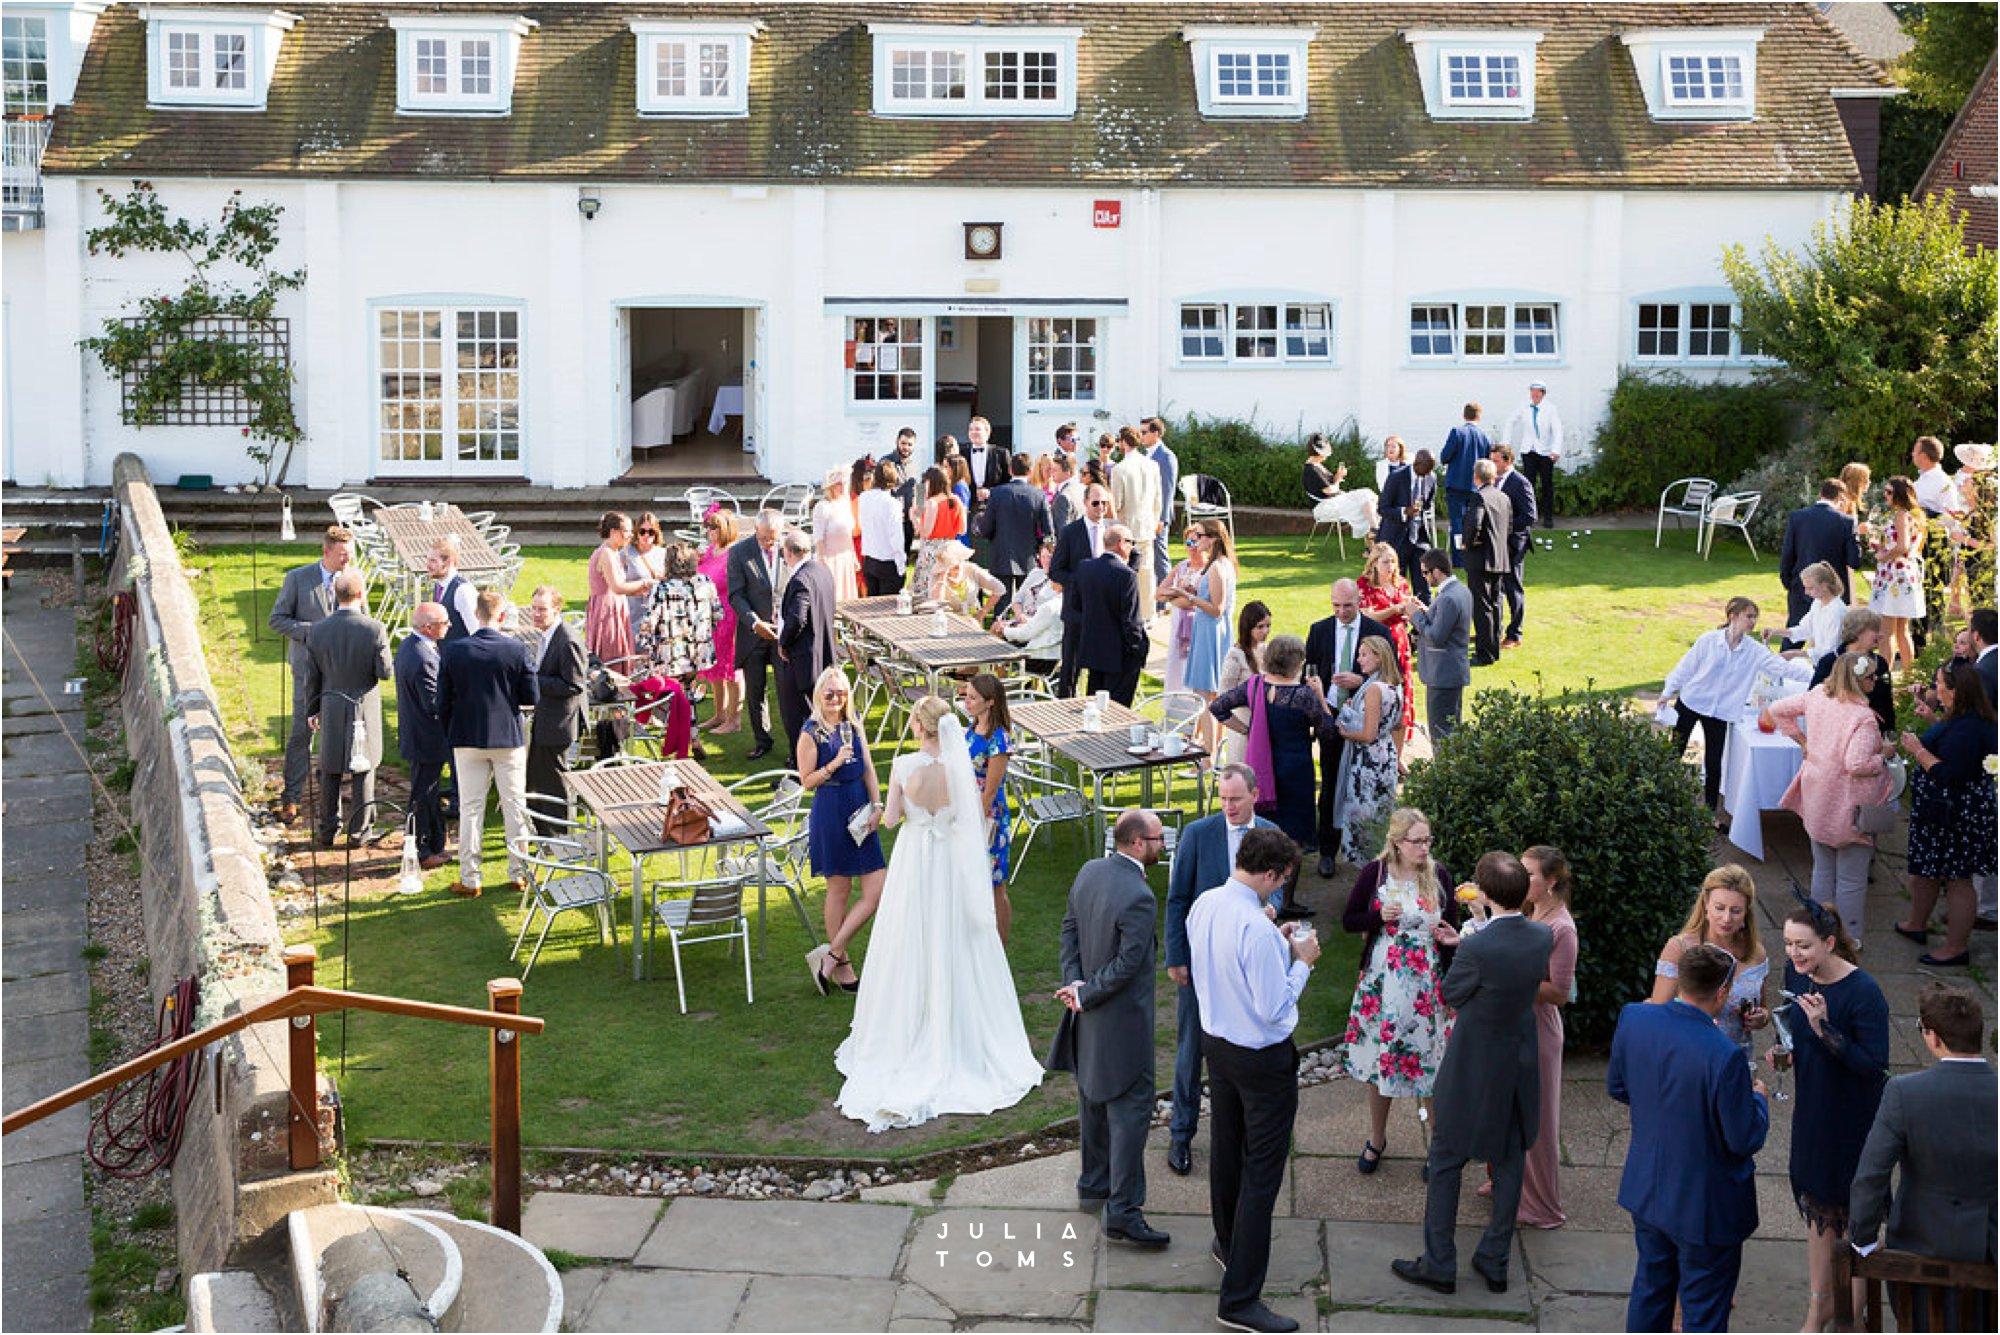 itchenor_wedding_chichester_photographer_058.jpg